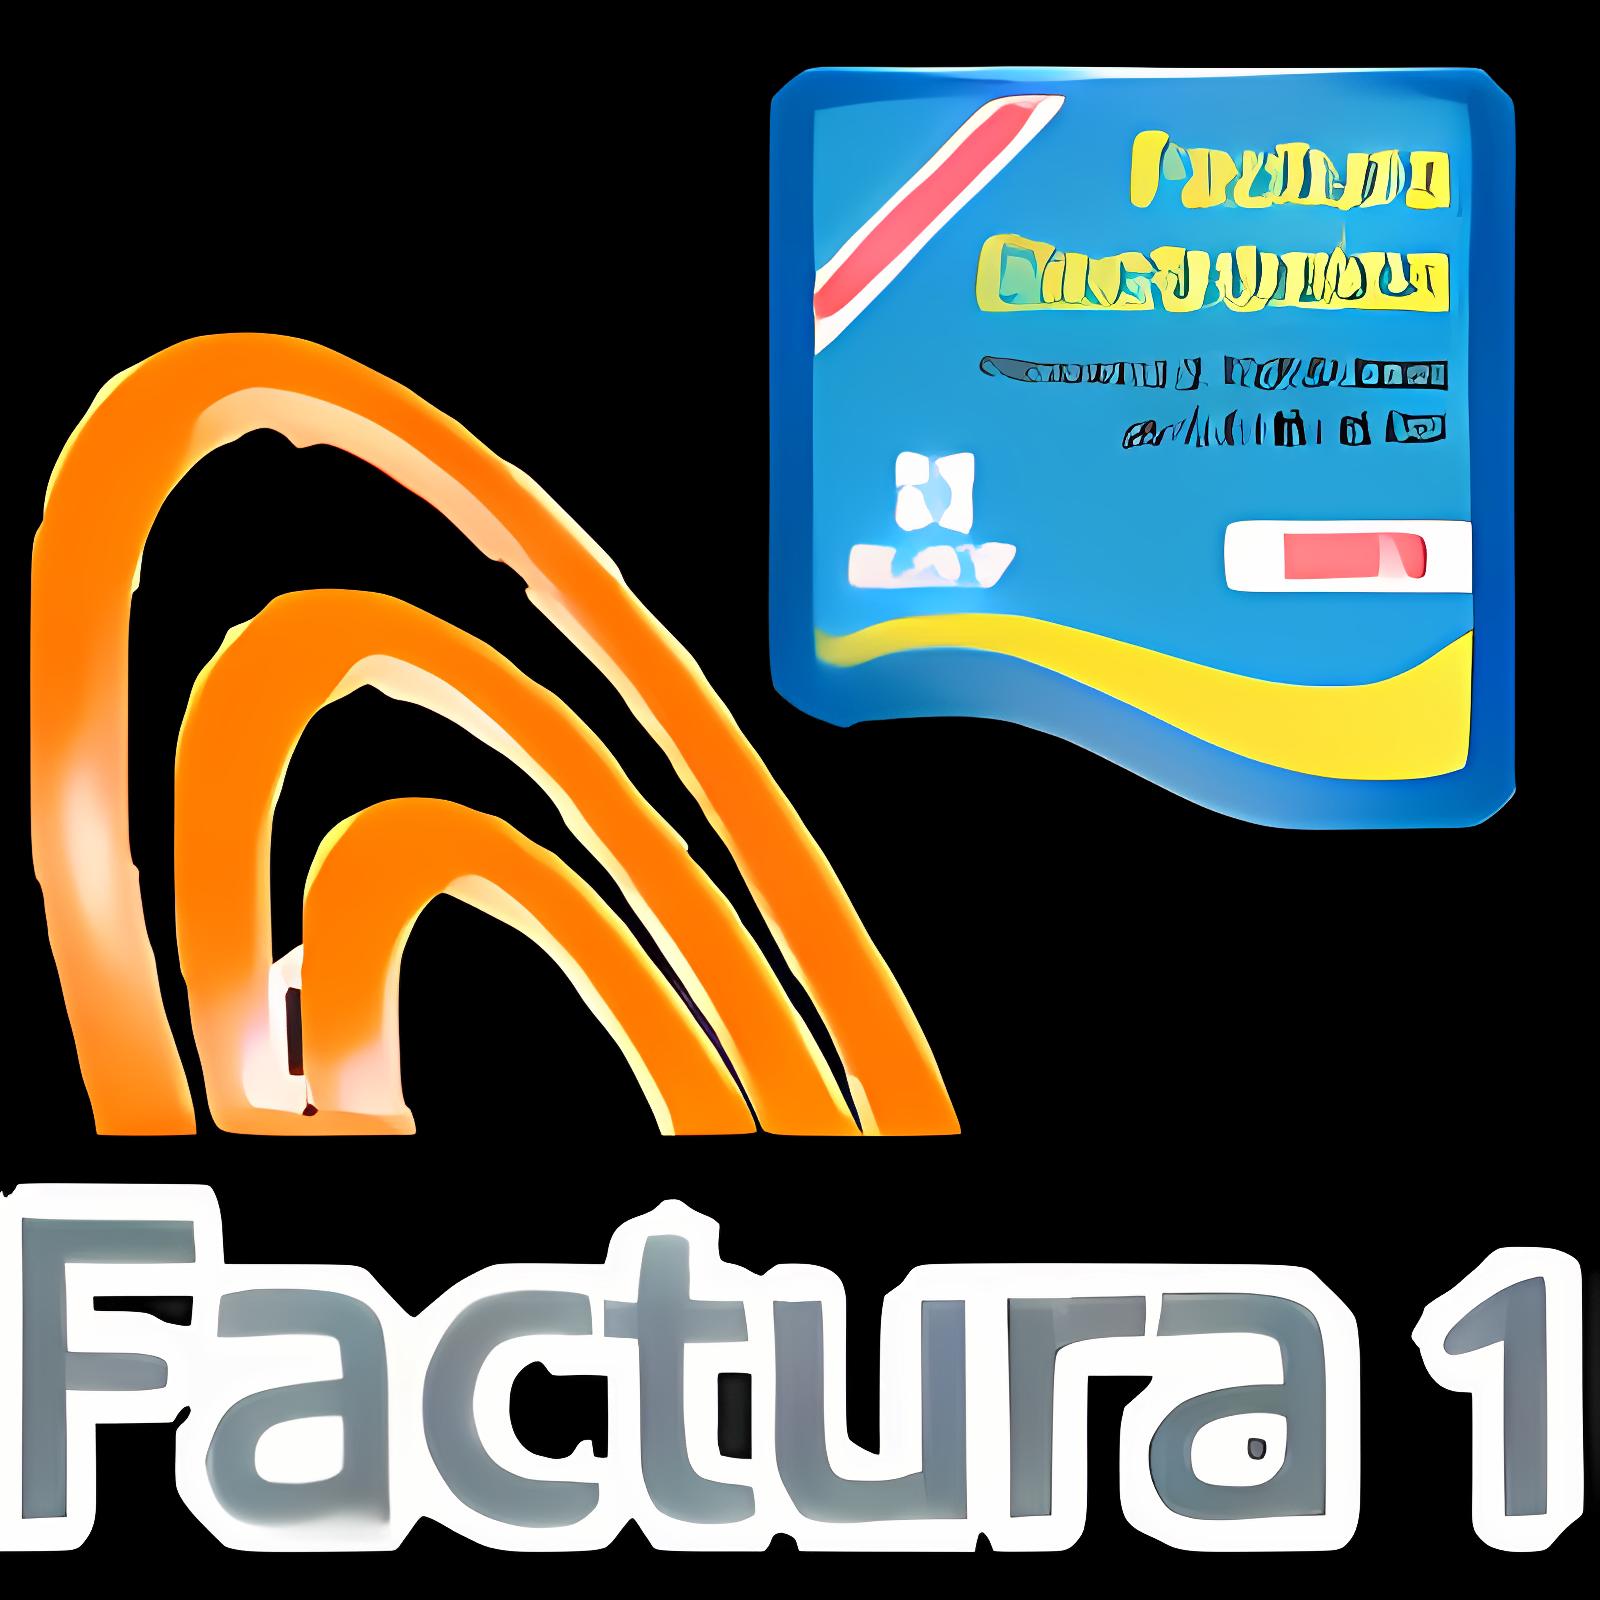 Factura1 1.96